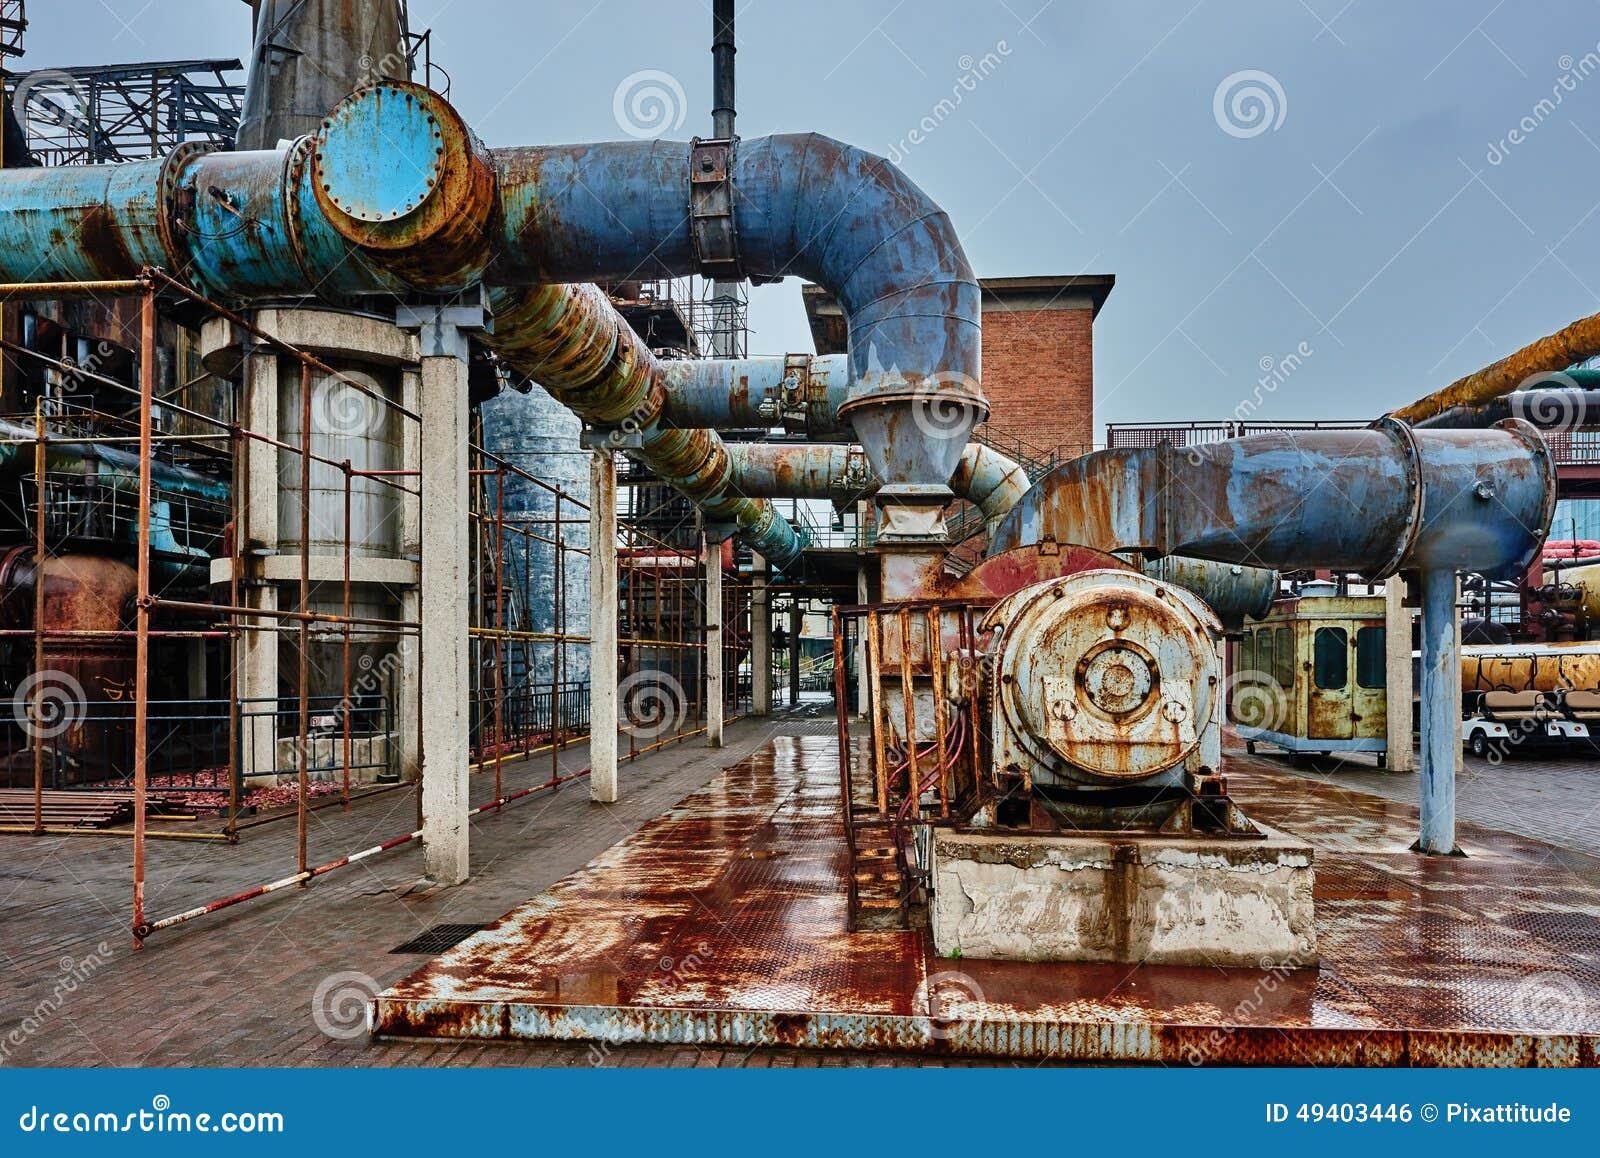 Download 798 Art District Zone Aera Peking China Stockfoto - Bild von chinesisch, berühmt: 49403446